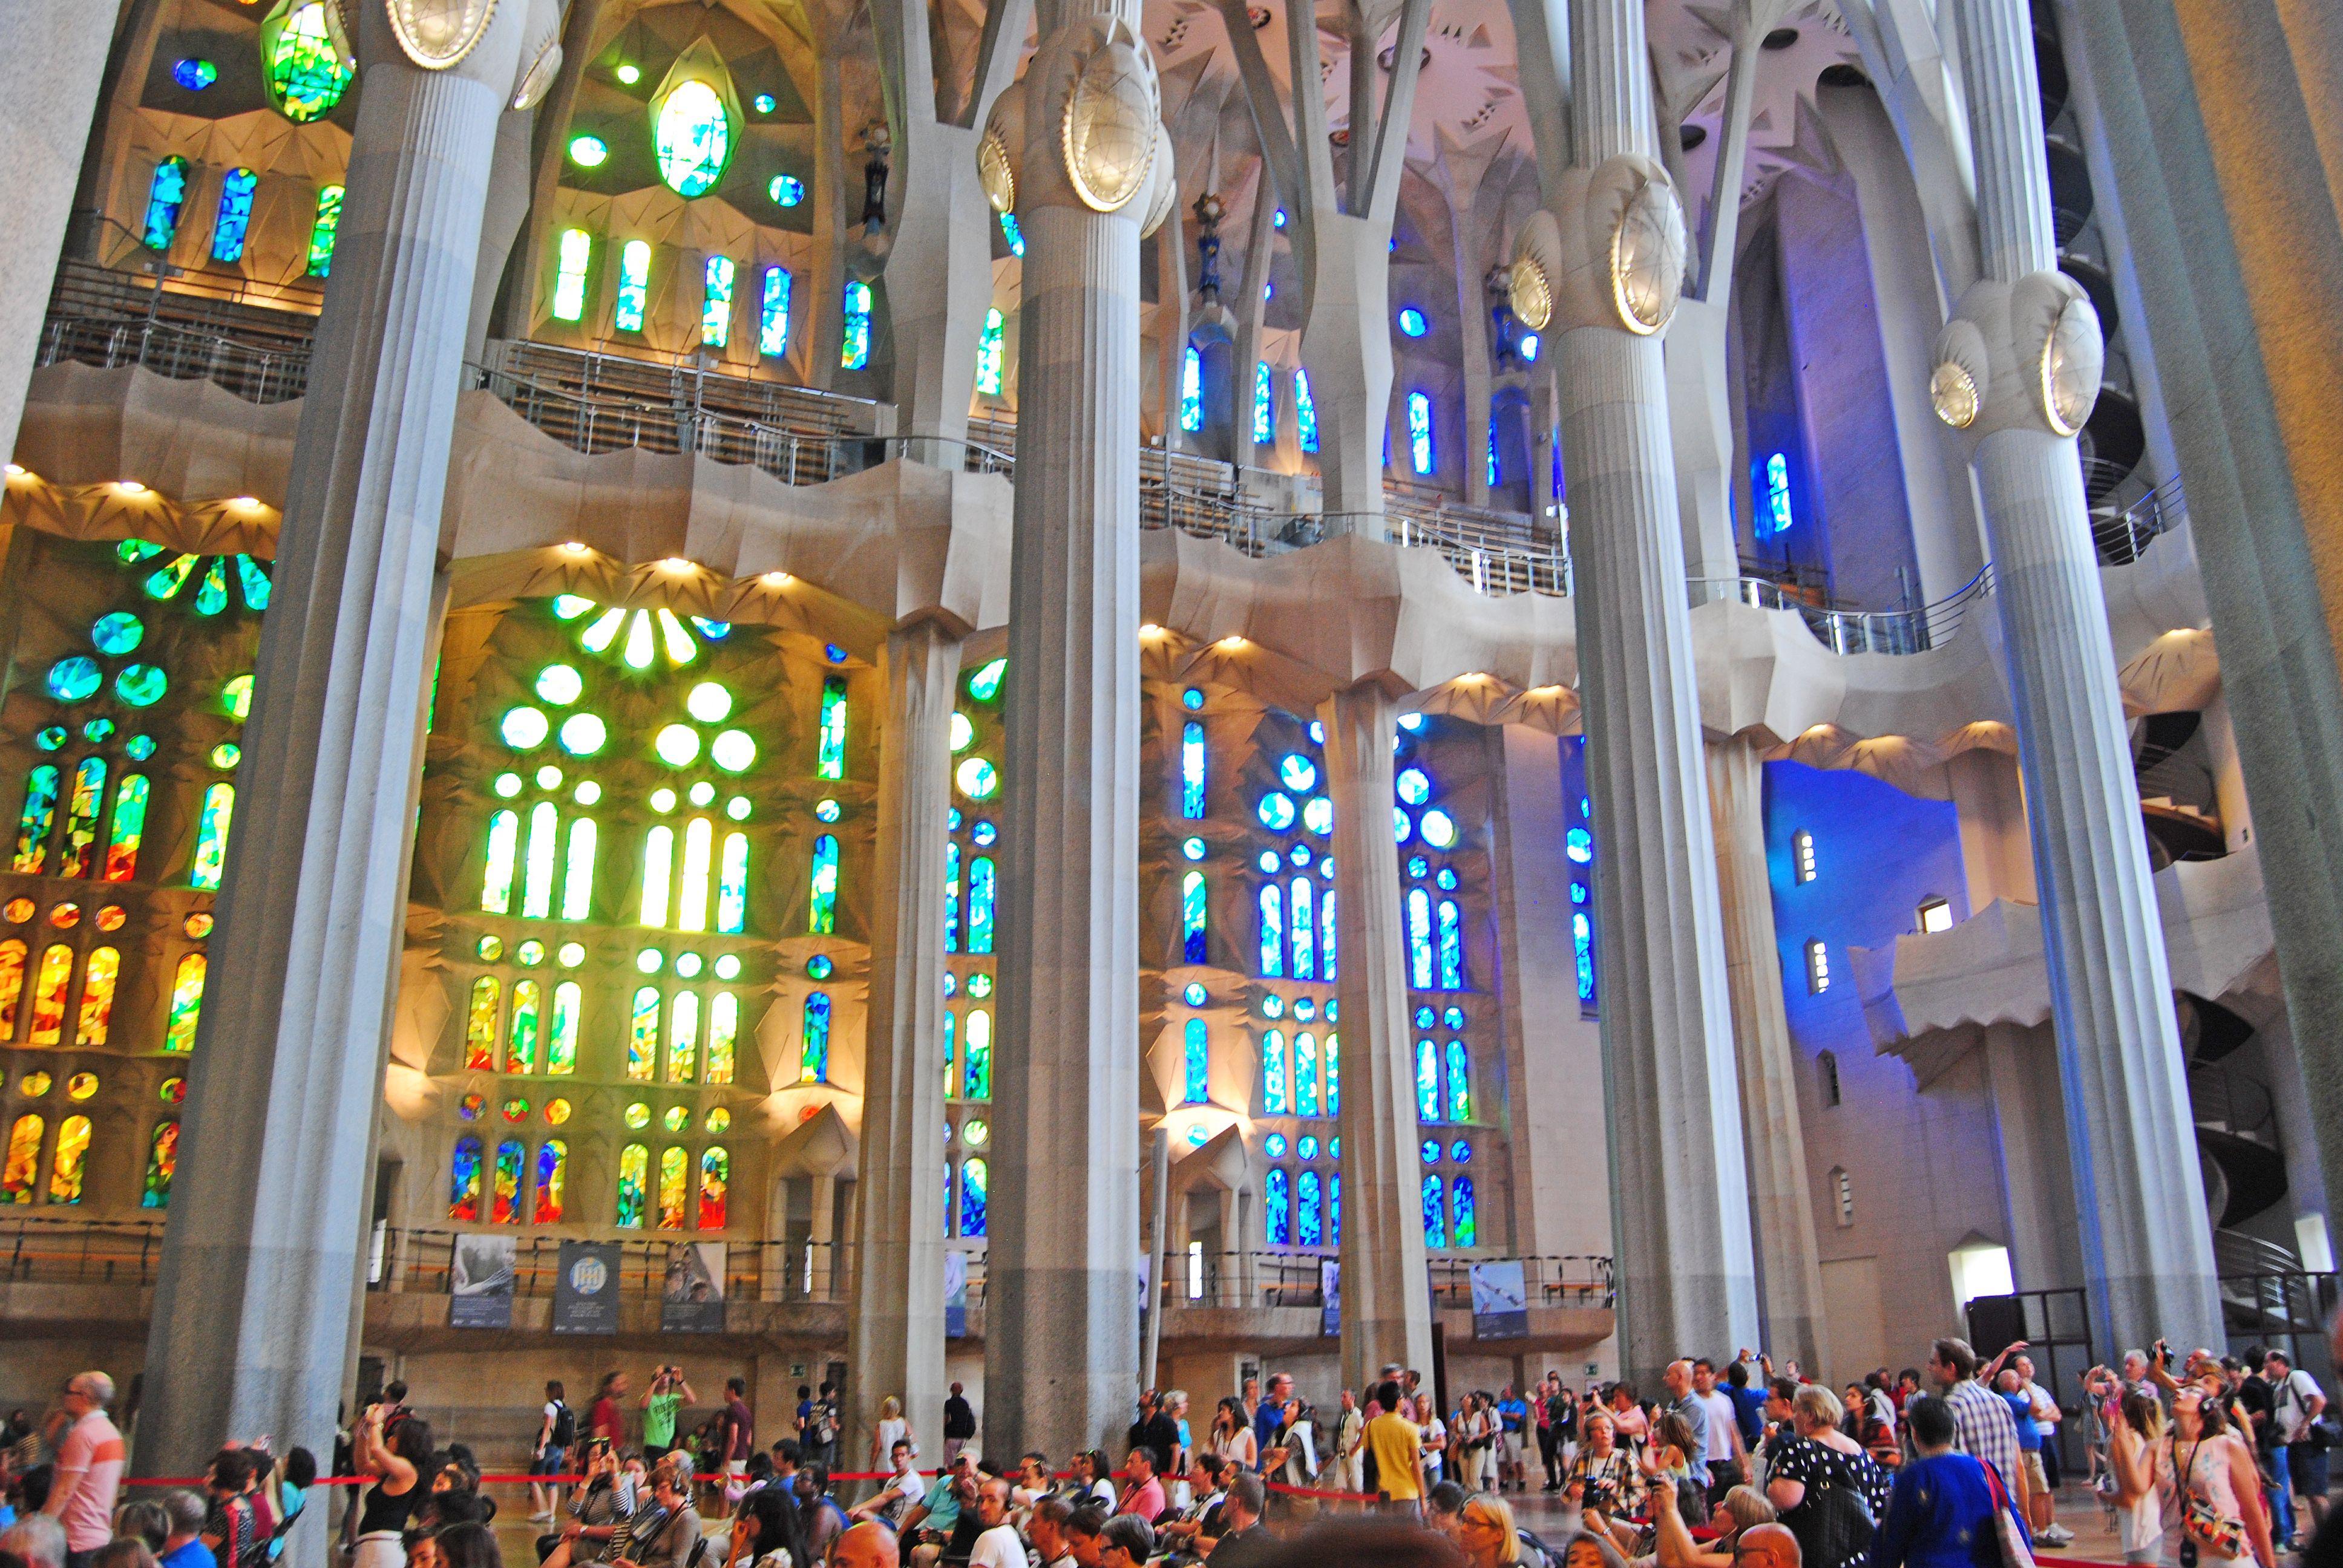 Did you know that we can see the seasons represented on the Sagrada Familia stained windows?  ¿Sabíais que podemos ver la estaciones del año representadas en los vitrales de la Sagrada Familia?  #SagradaFamilia